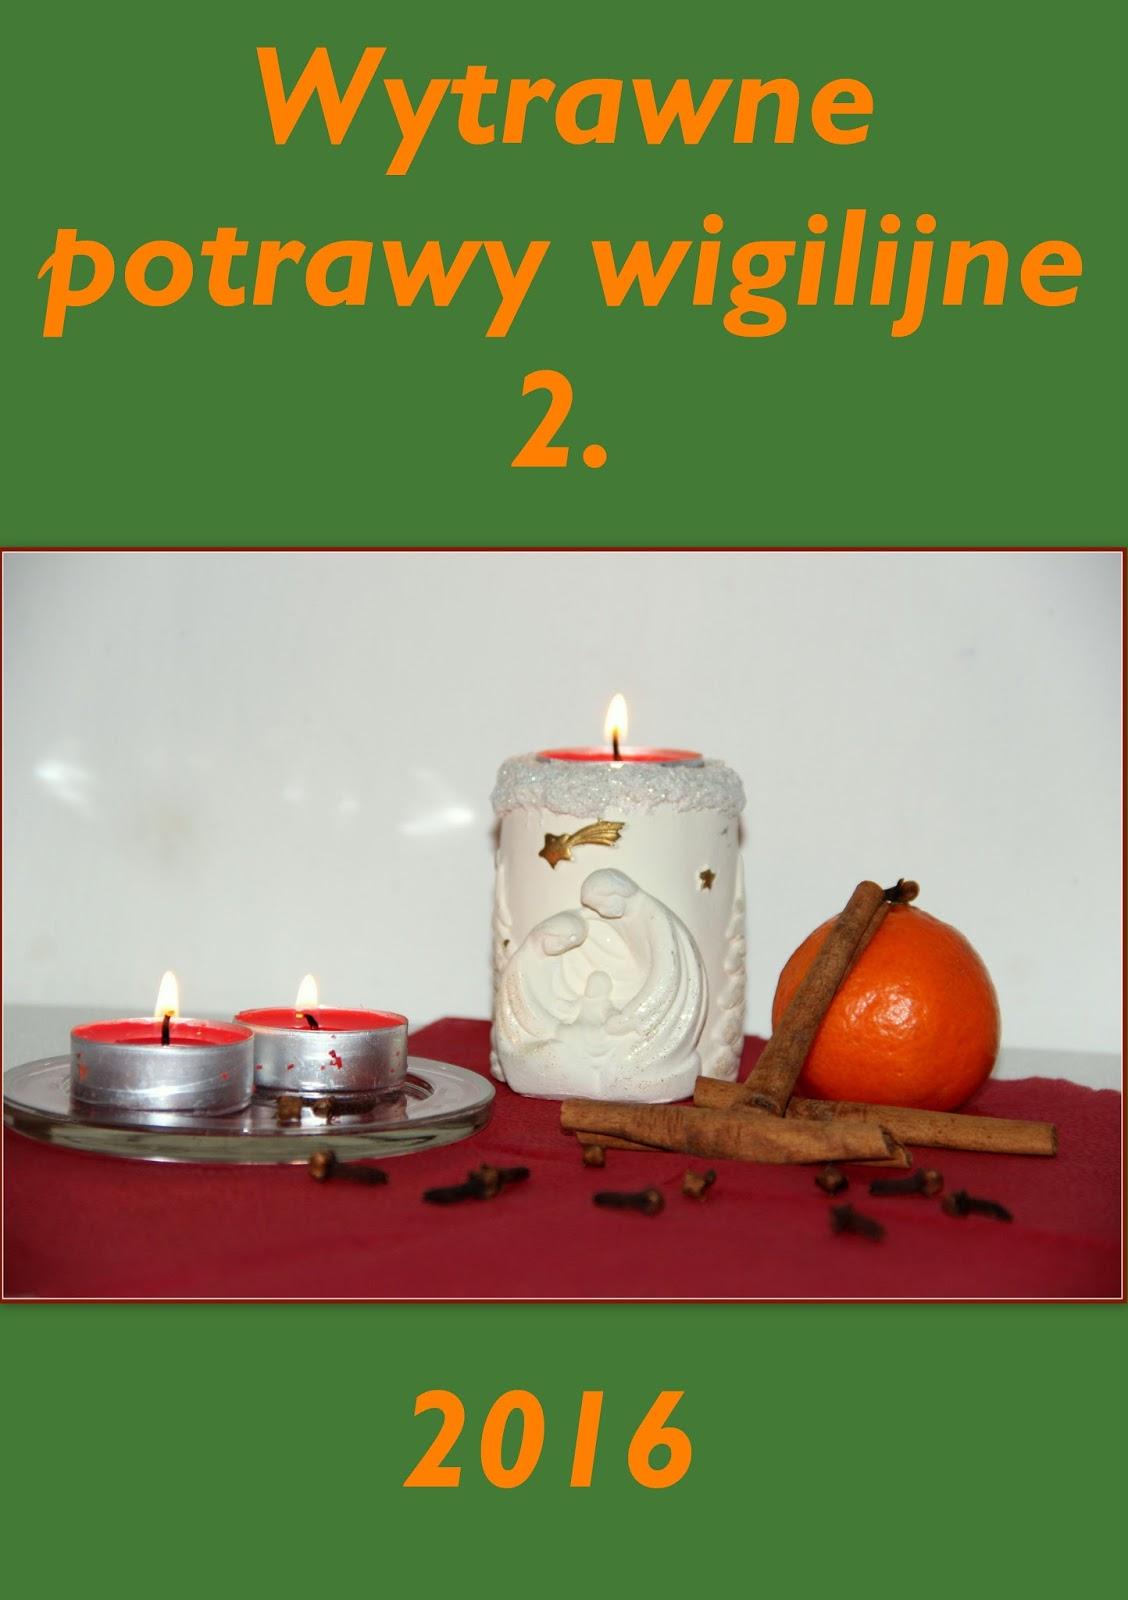 http://weekendywdomuiogrodzie.blogspot.com/2016/12/wytrawne-potrawy-wigilijne-zaproszenie.html